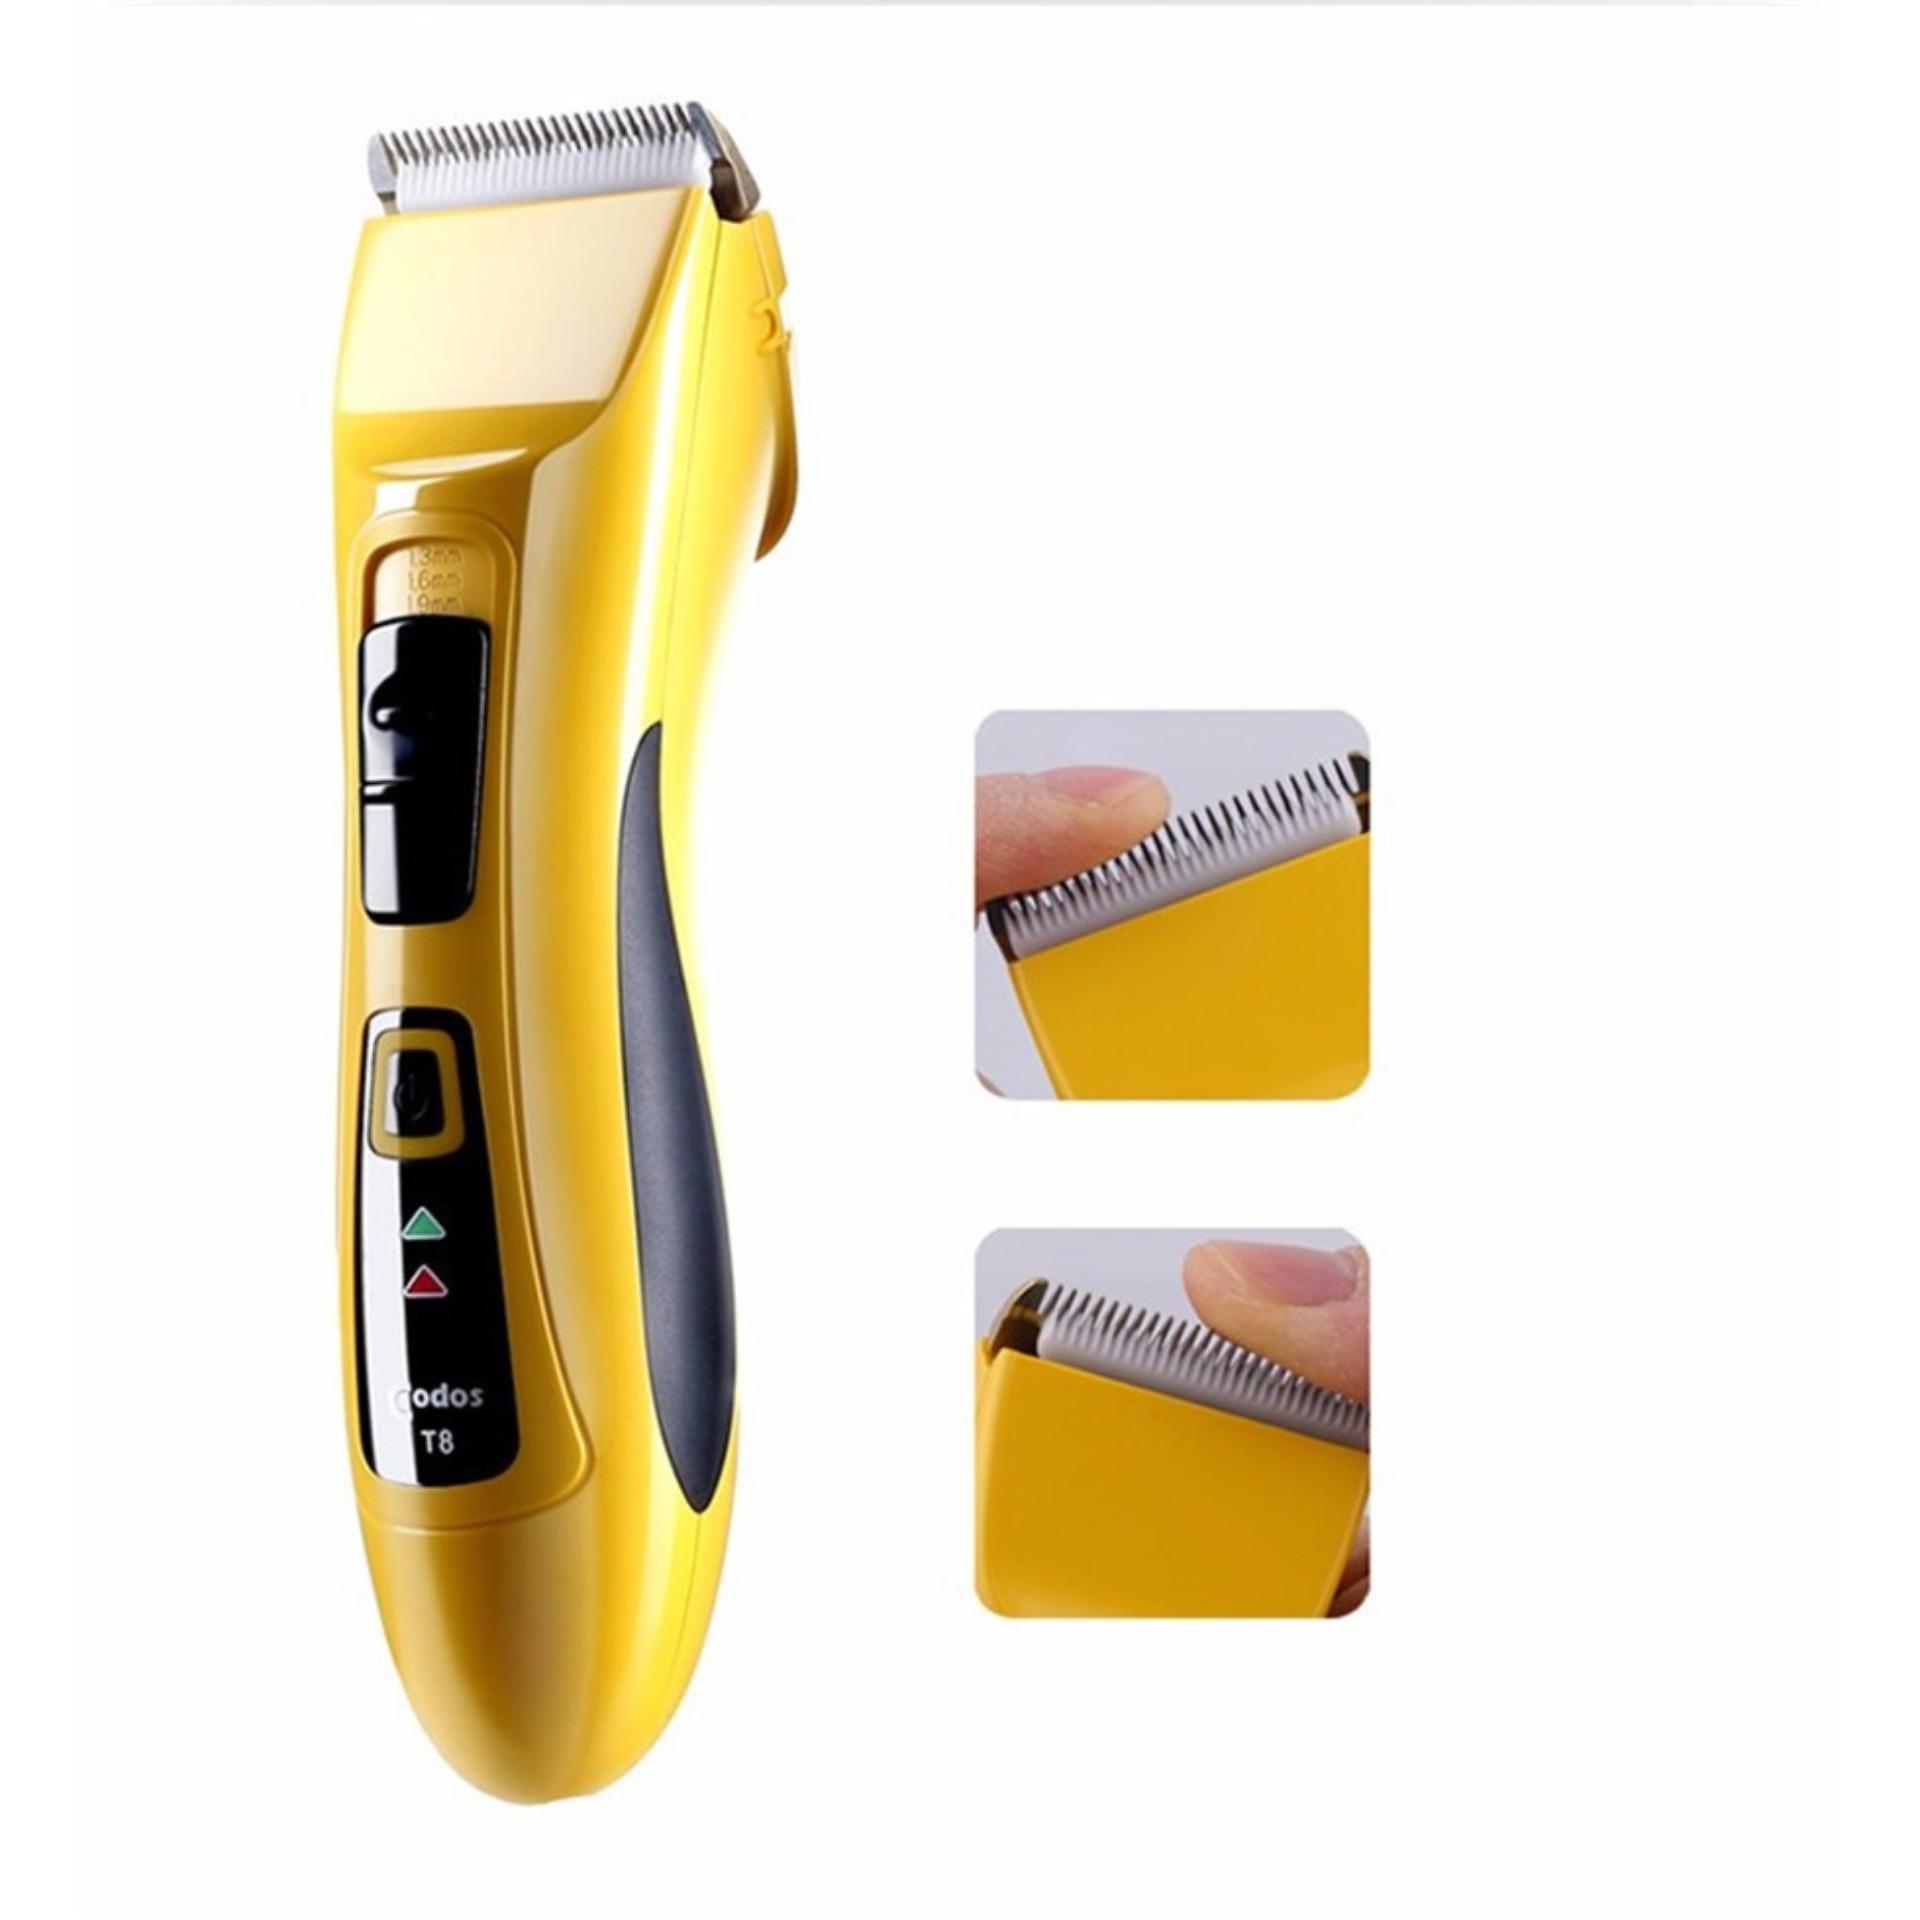 Tông đơ cắt tóc Codos T8 [HB] [COD] giá rẻ